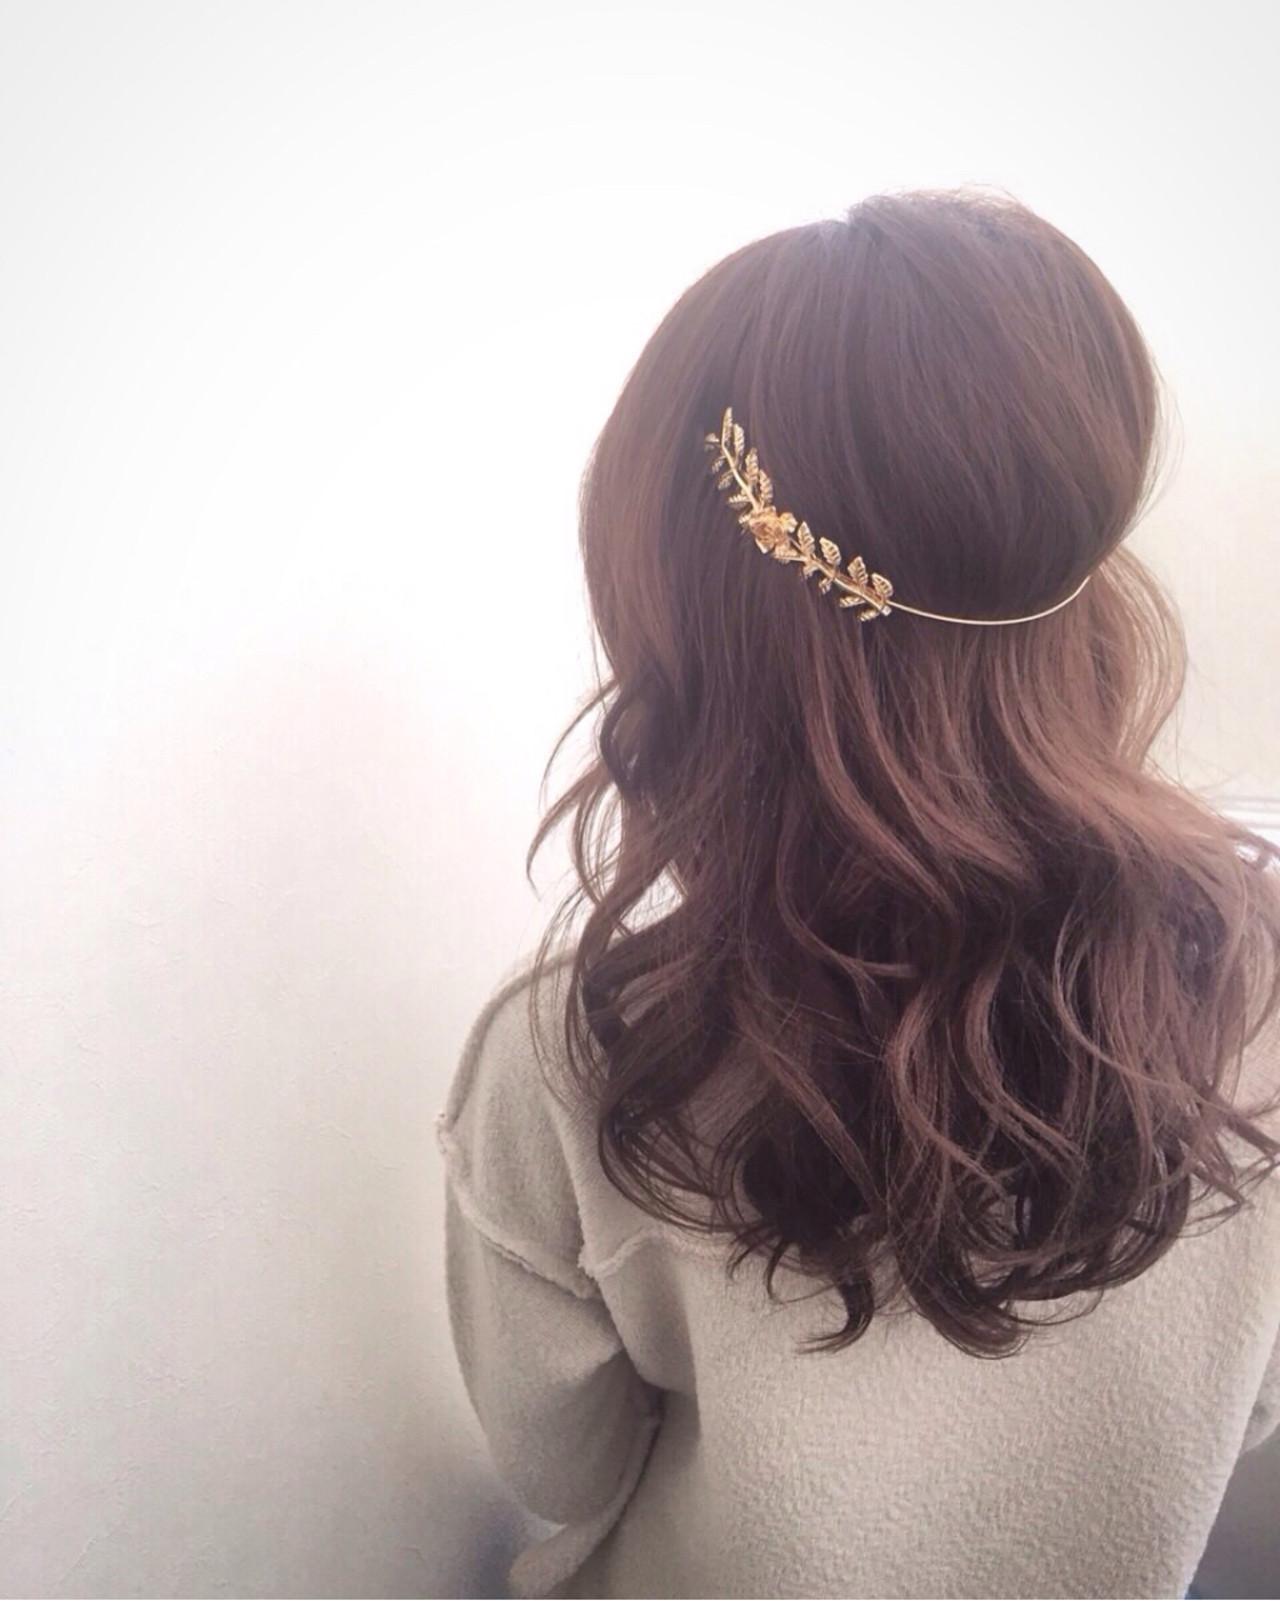 オシャレ女子の味方、2大アイテムをご紹介!<バックカチューシャ・三日月コーム> ryota kuwamura / hair make Full throttle